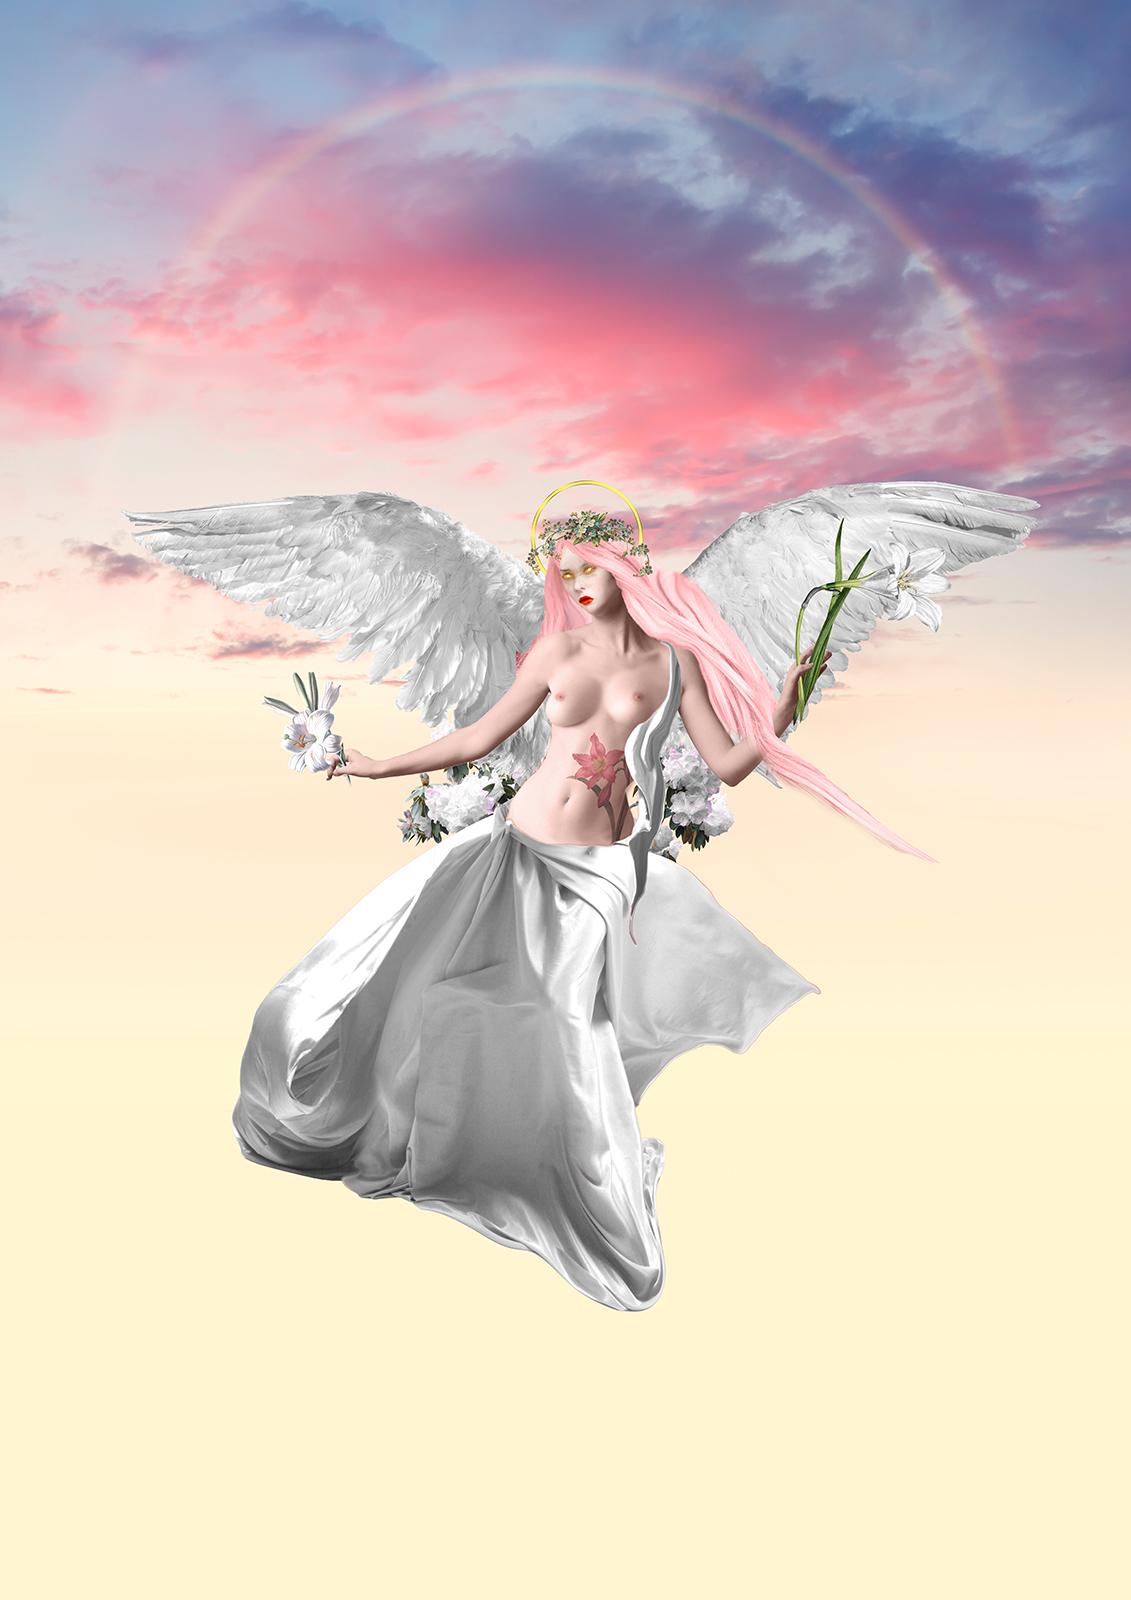 Ritaisabel archangel 1 0b889d82 3x9u